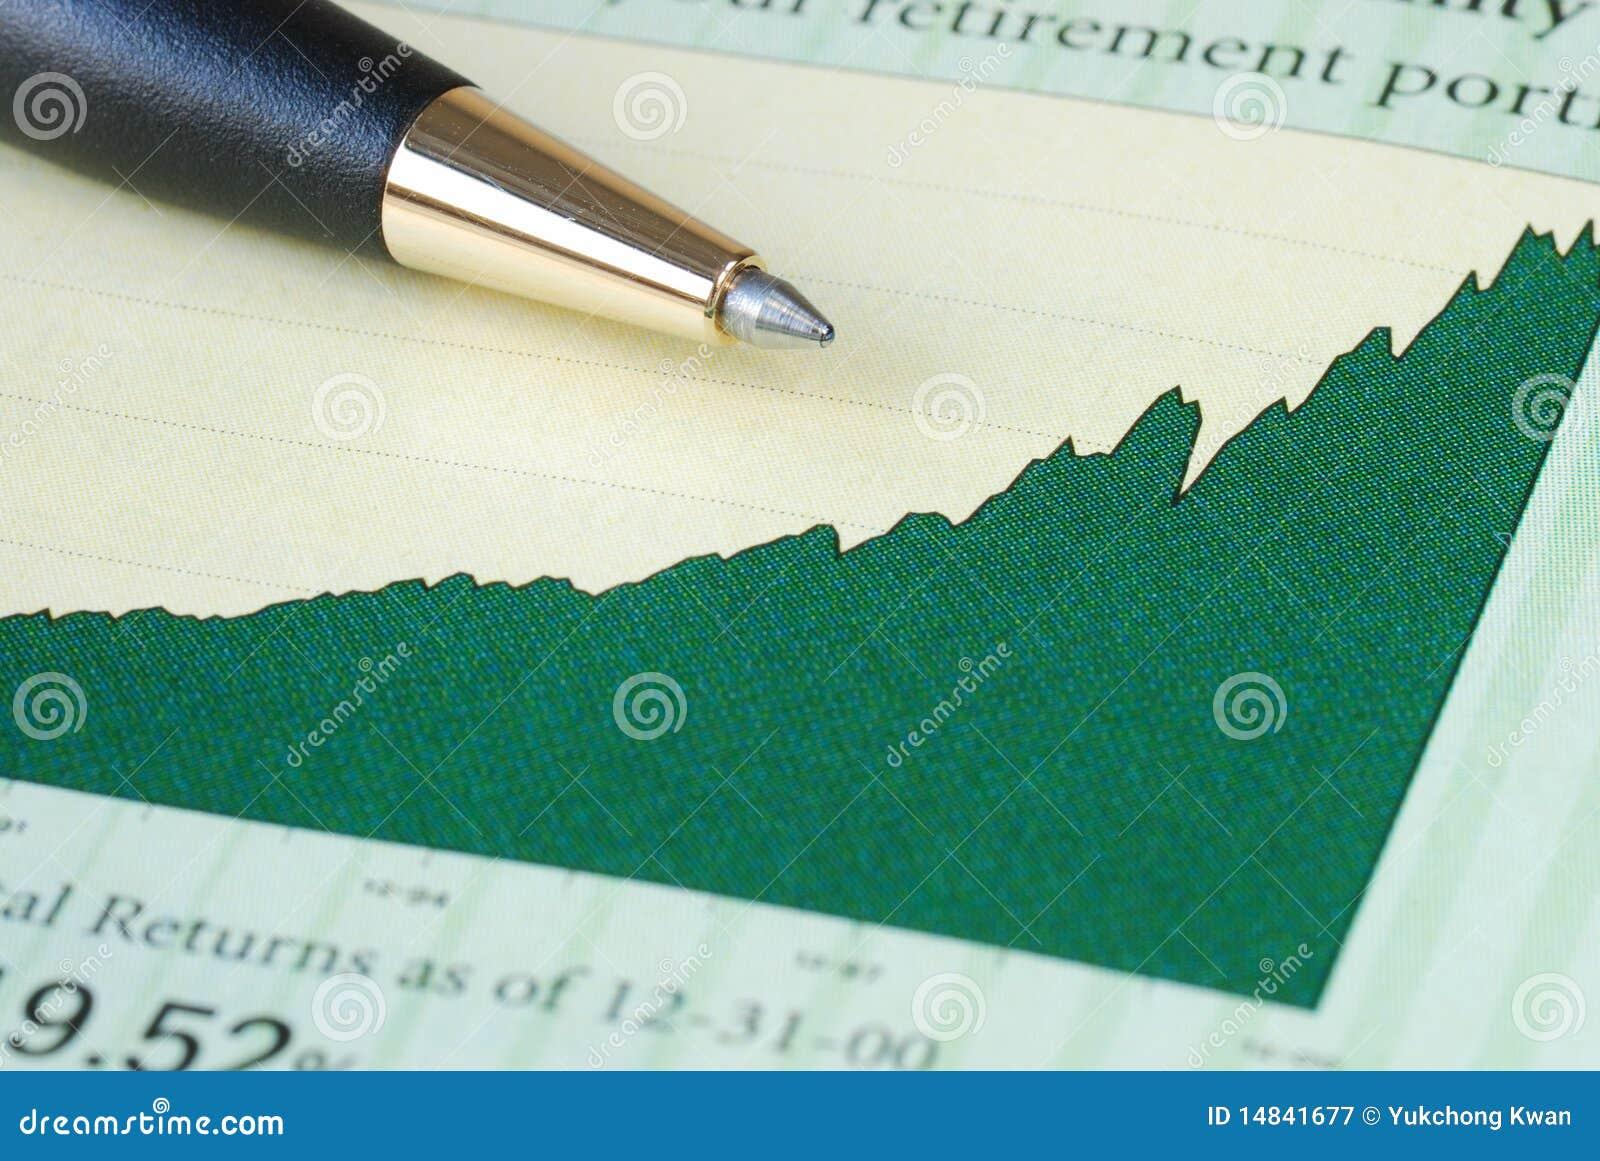 分析投资收益